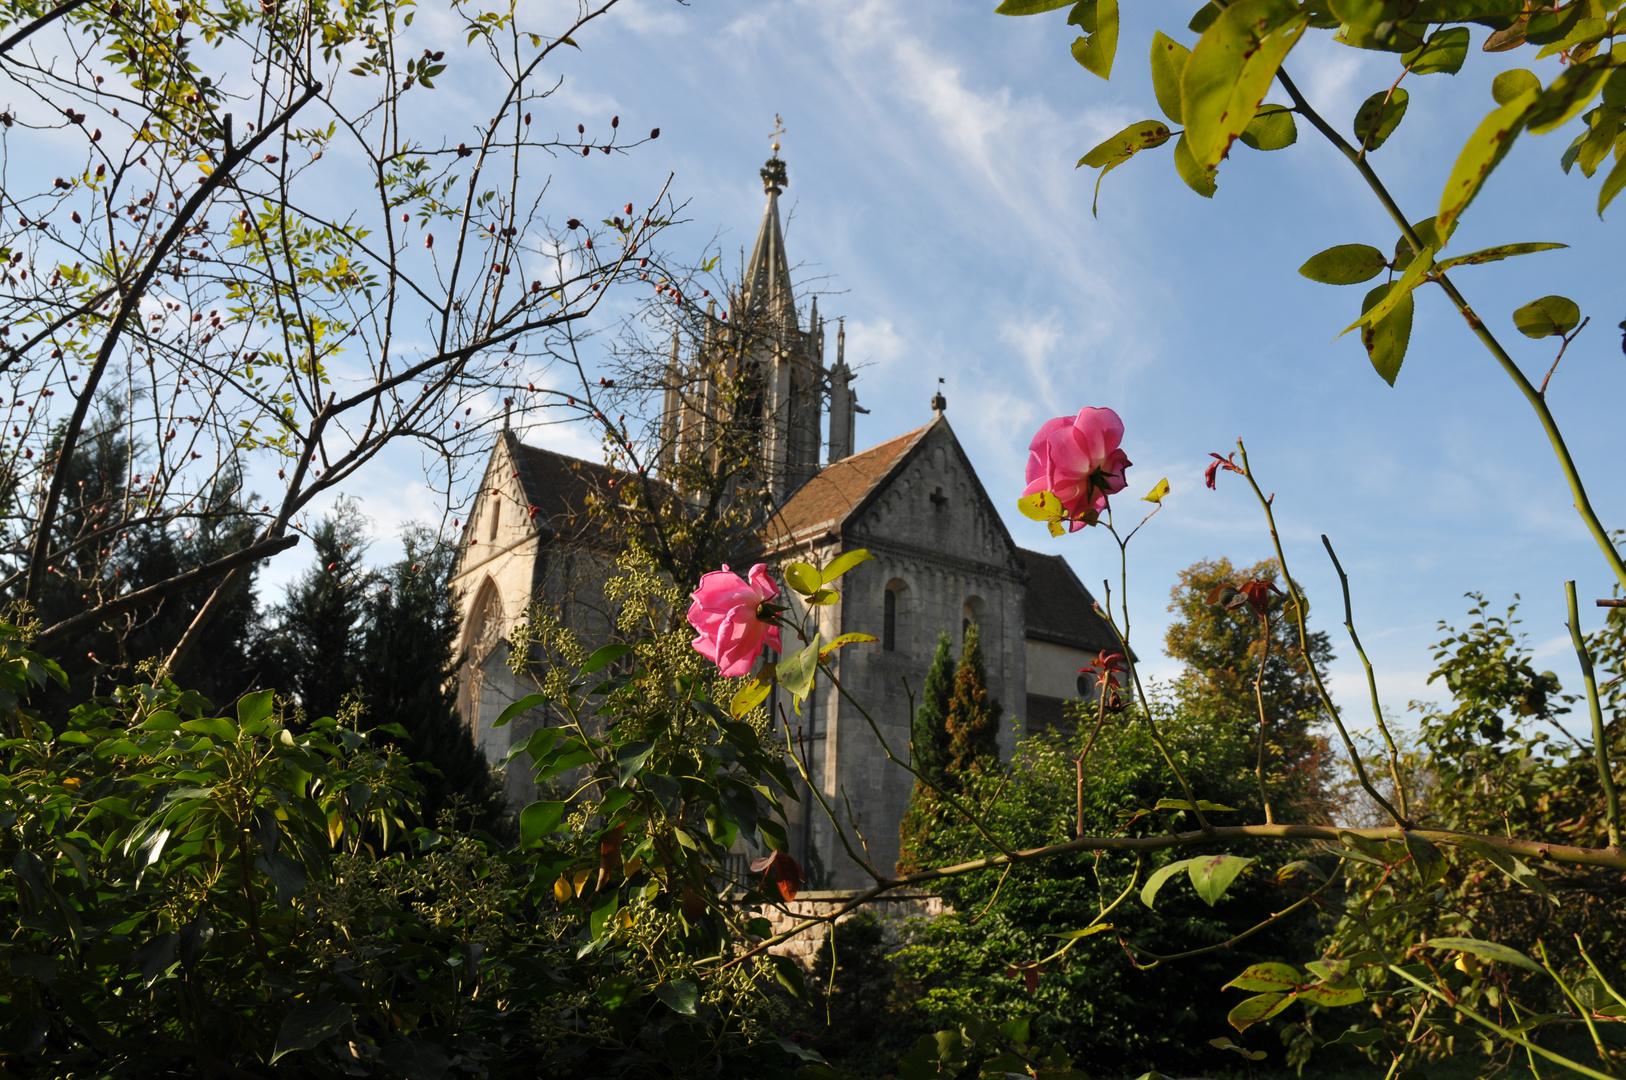 Kloster Bebenhausen bei Tübingen 5/5